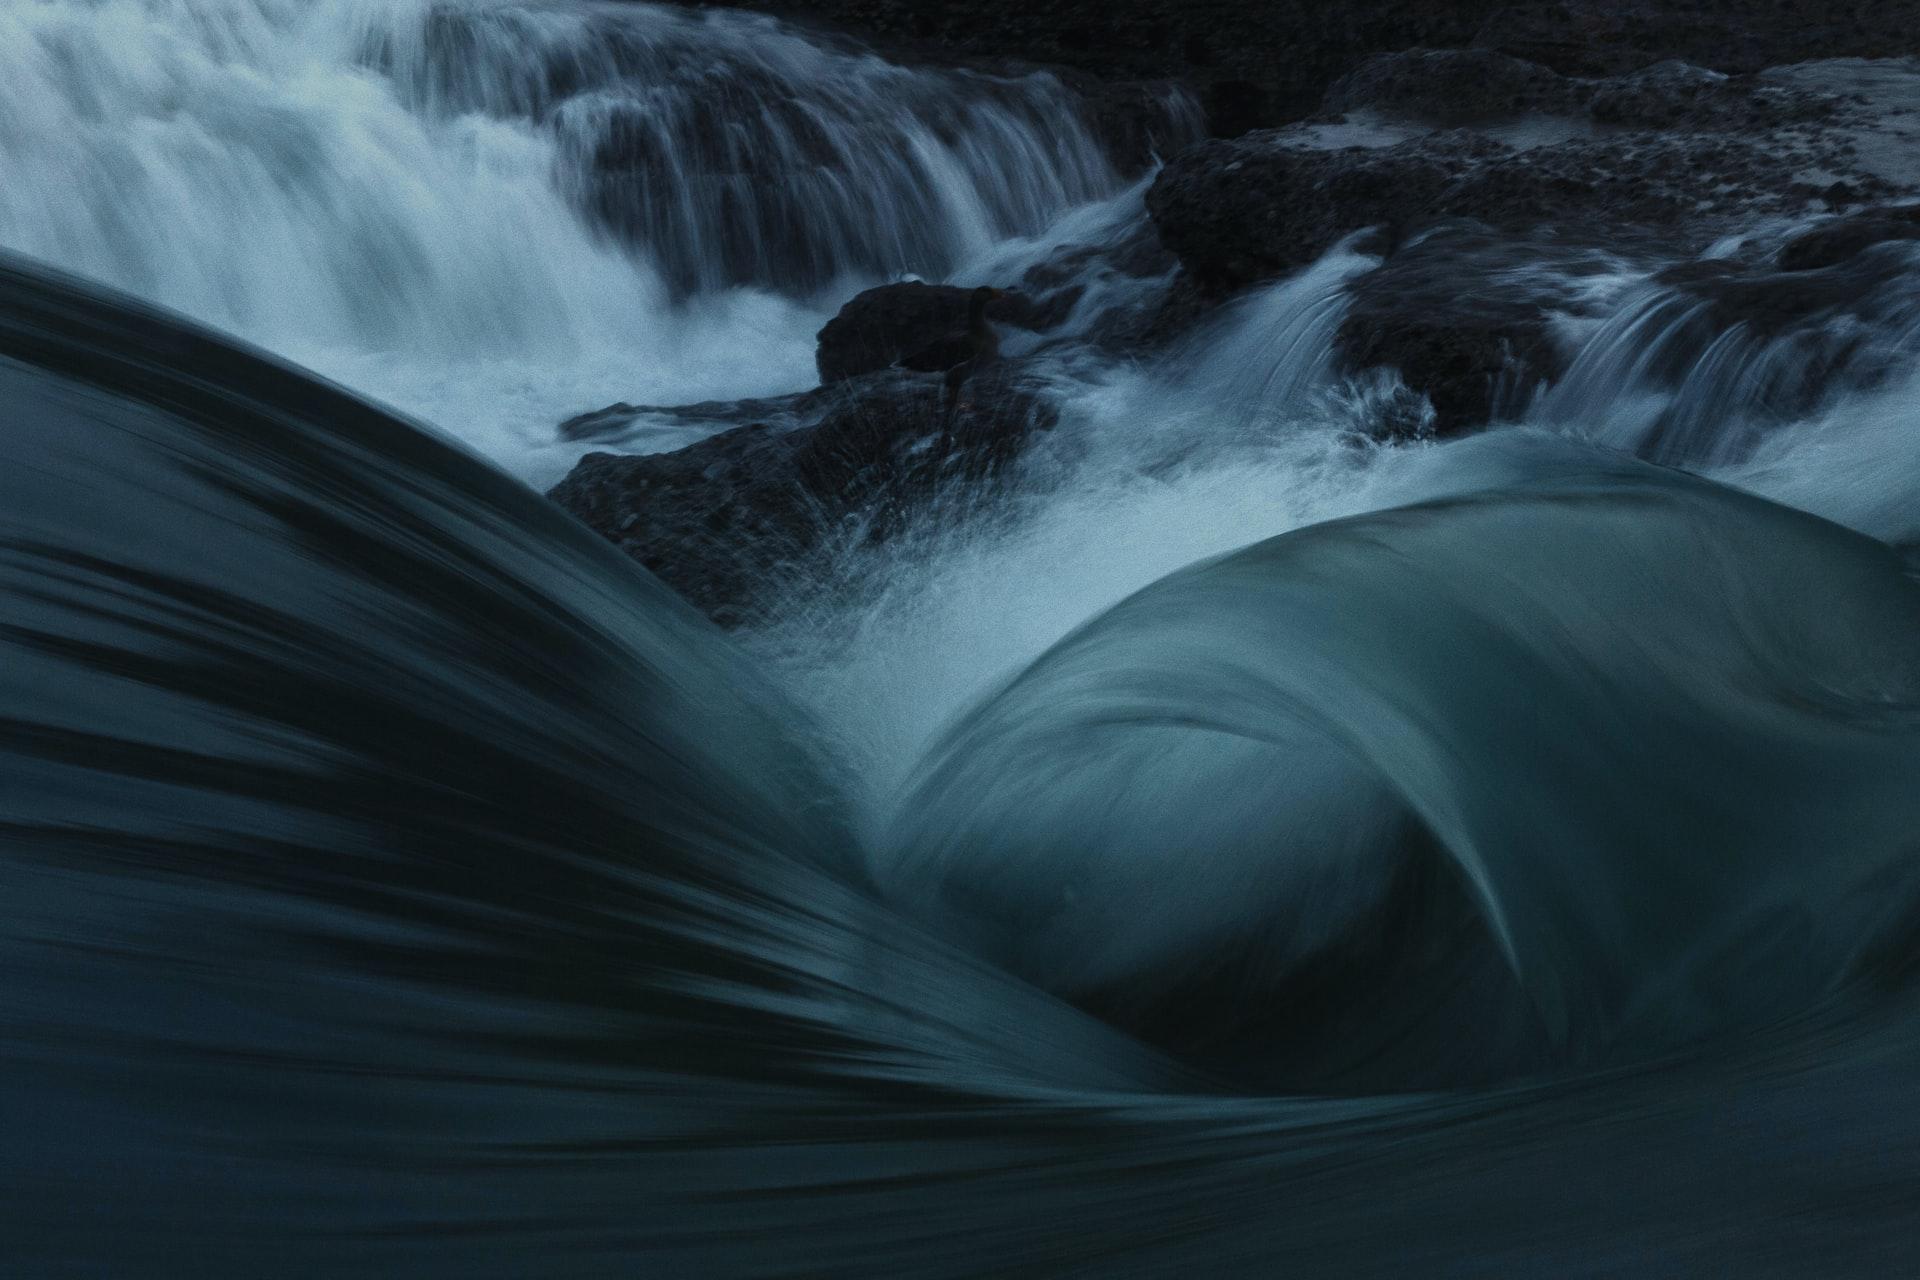 Rwący nurt rzeki Sielanki